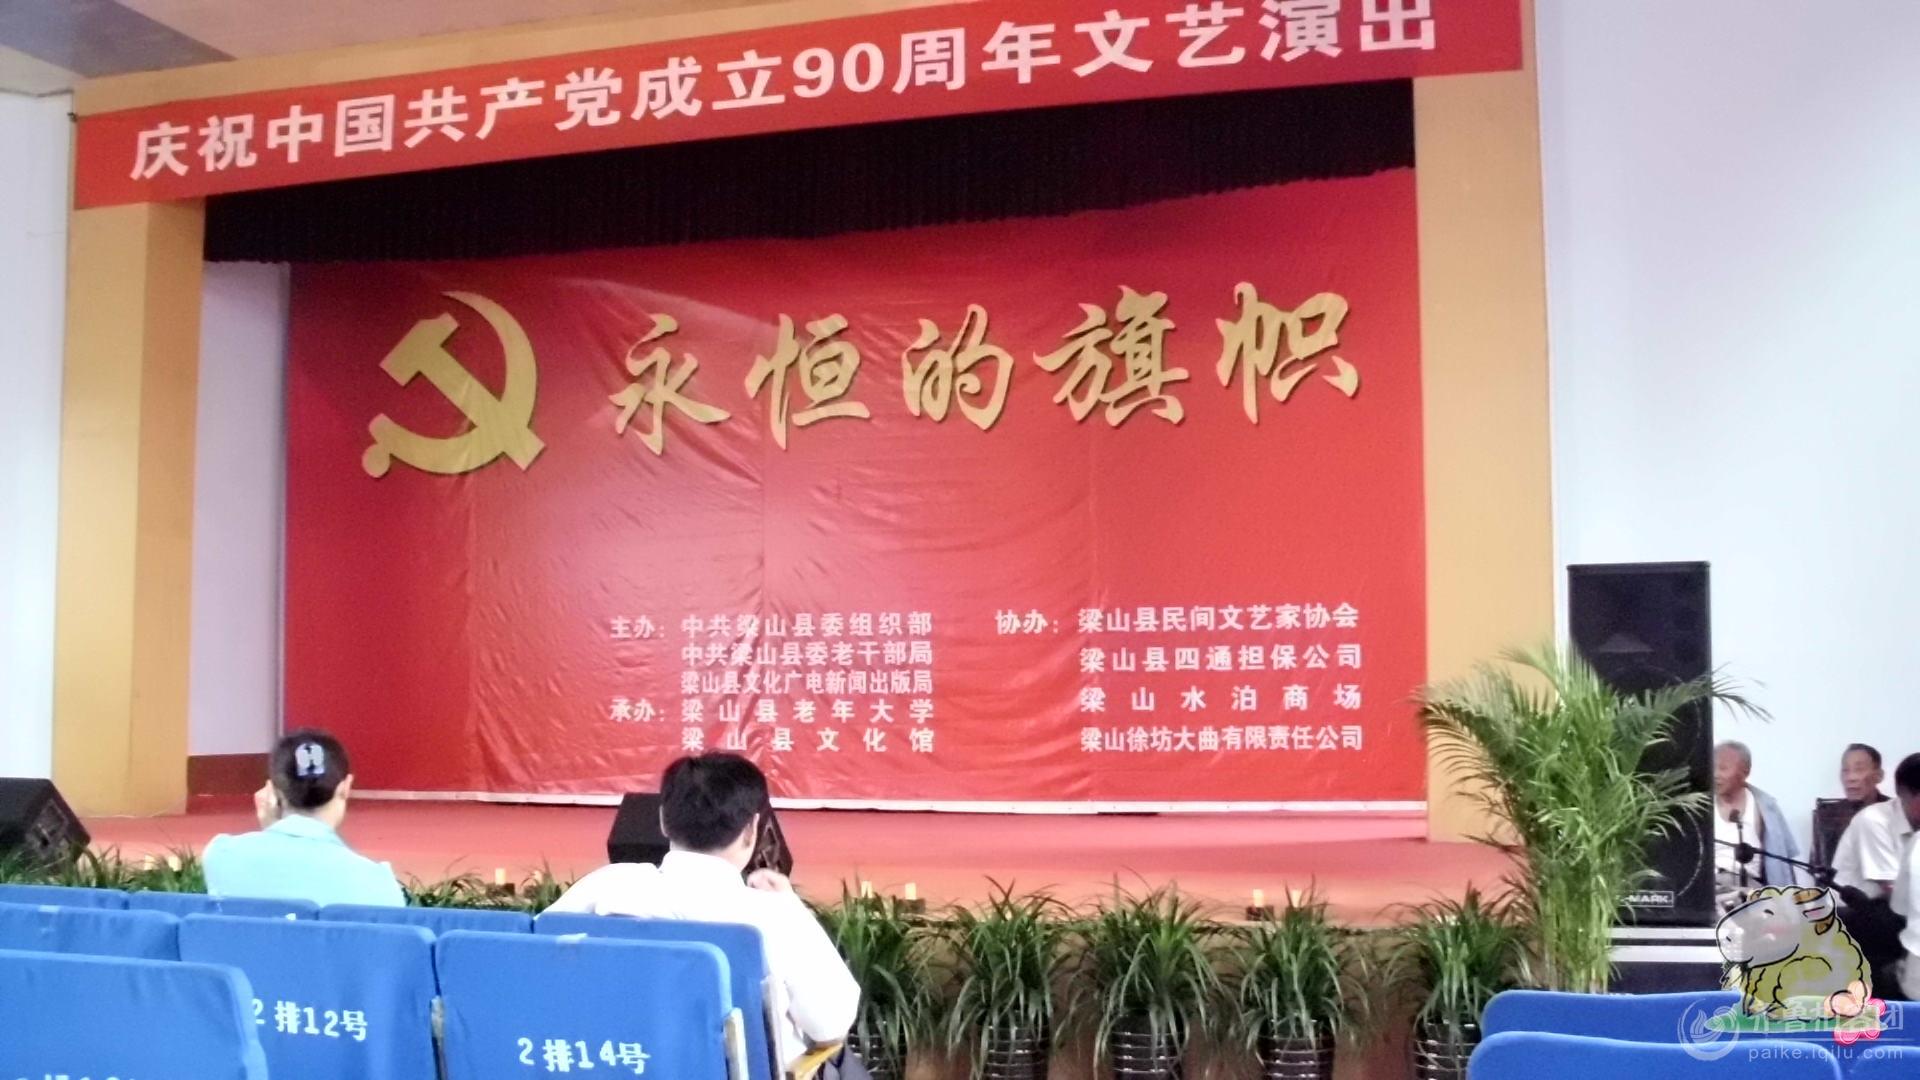 《永恒的旗帜》文艺演出,在梁山县政府第一会议室举行;梁山县老年大学